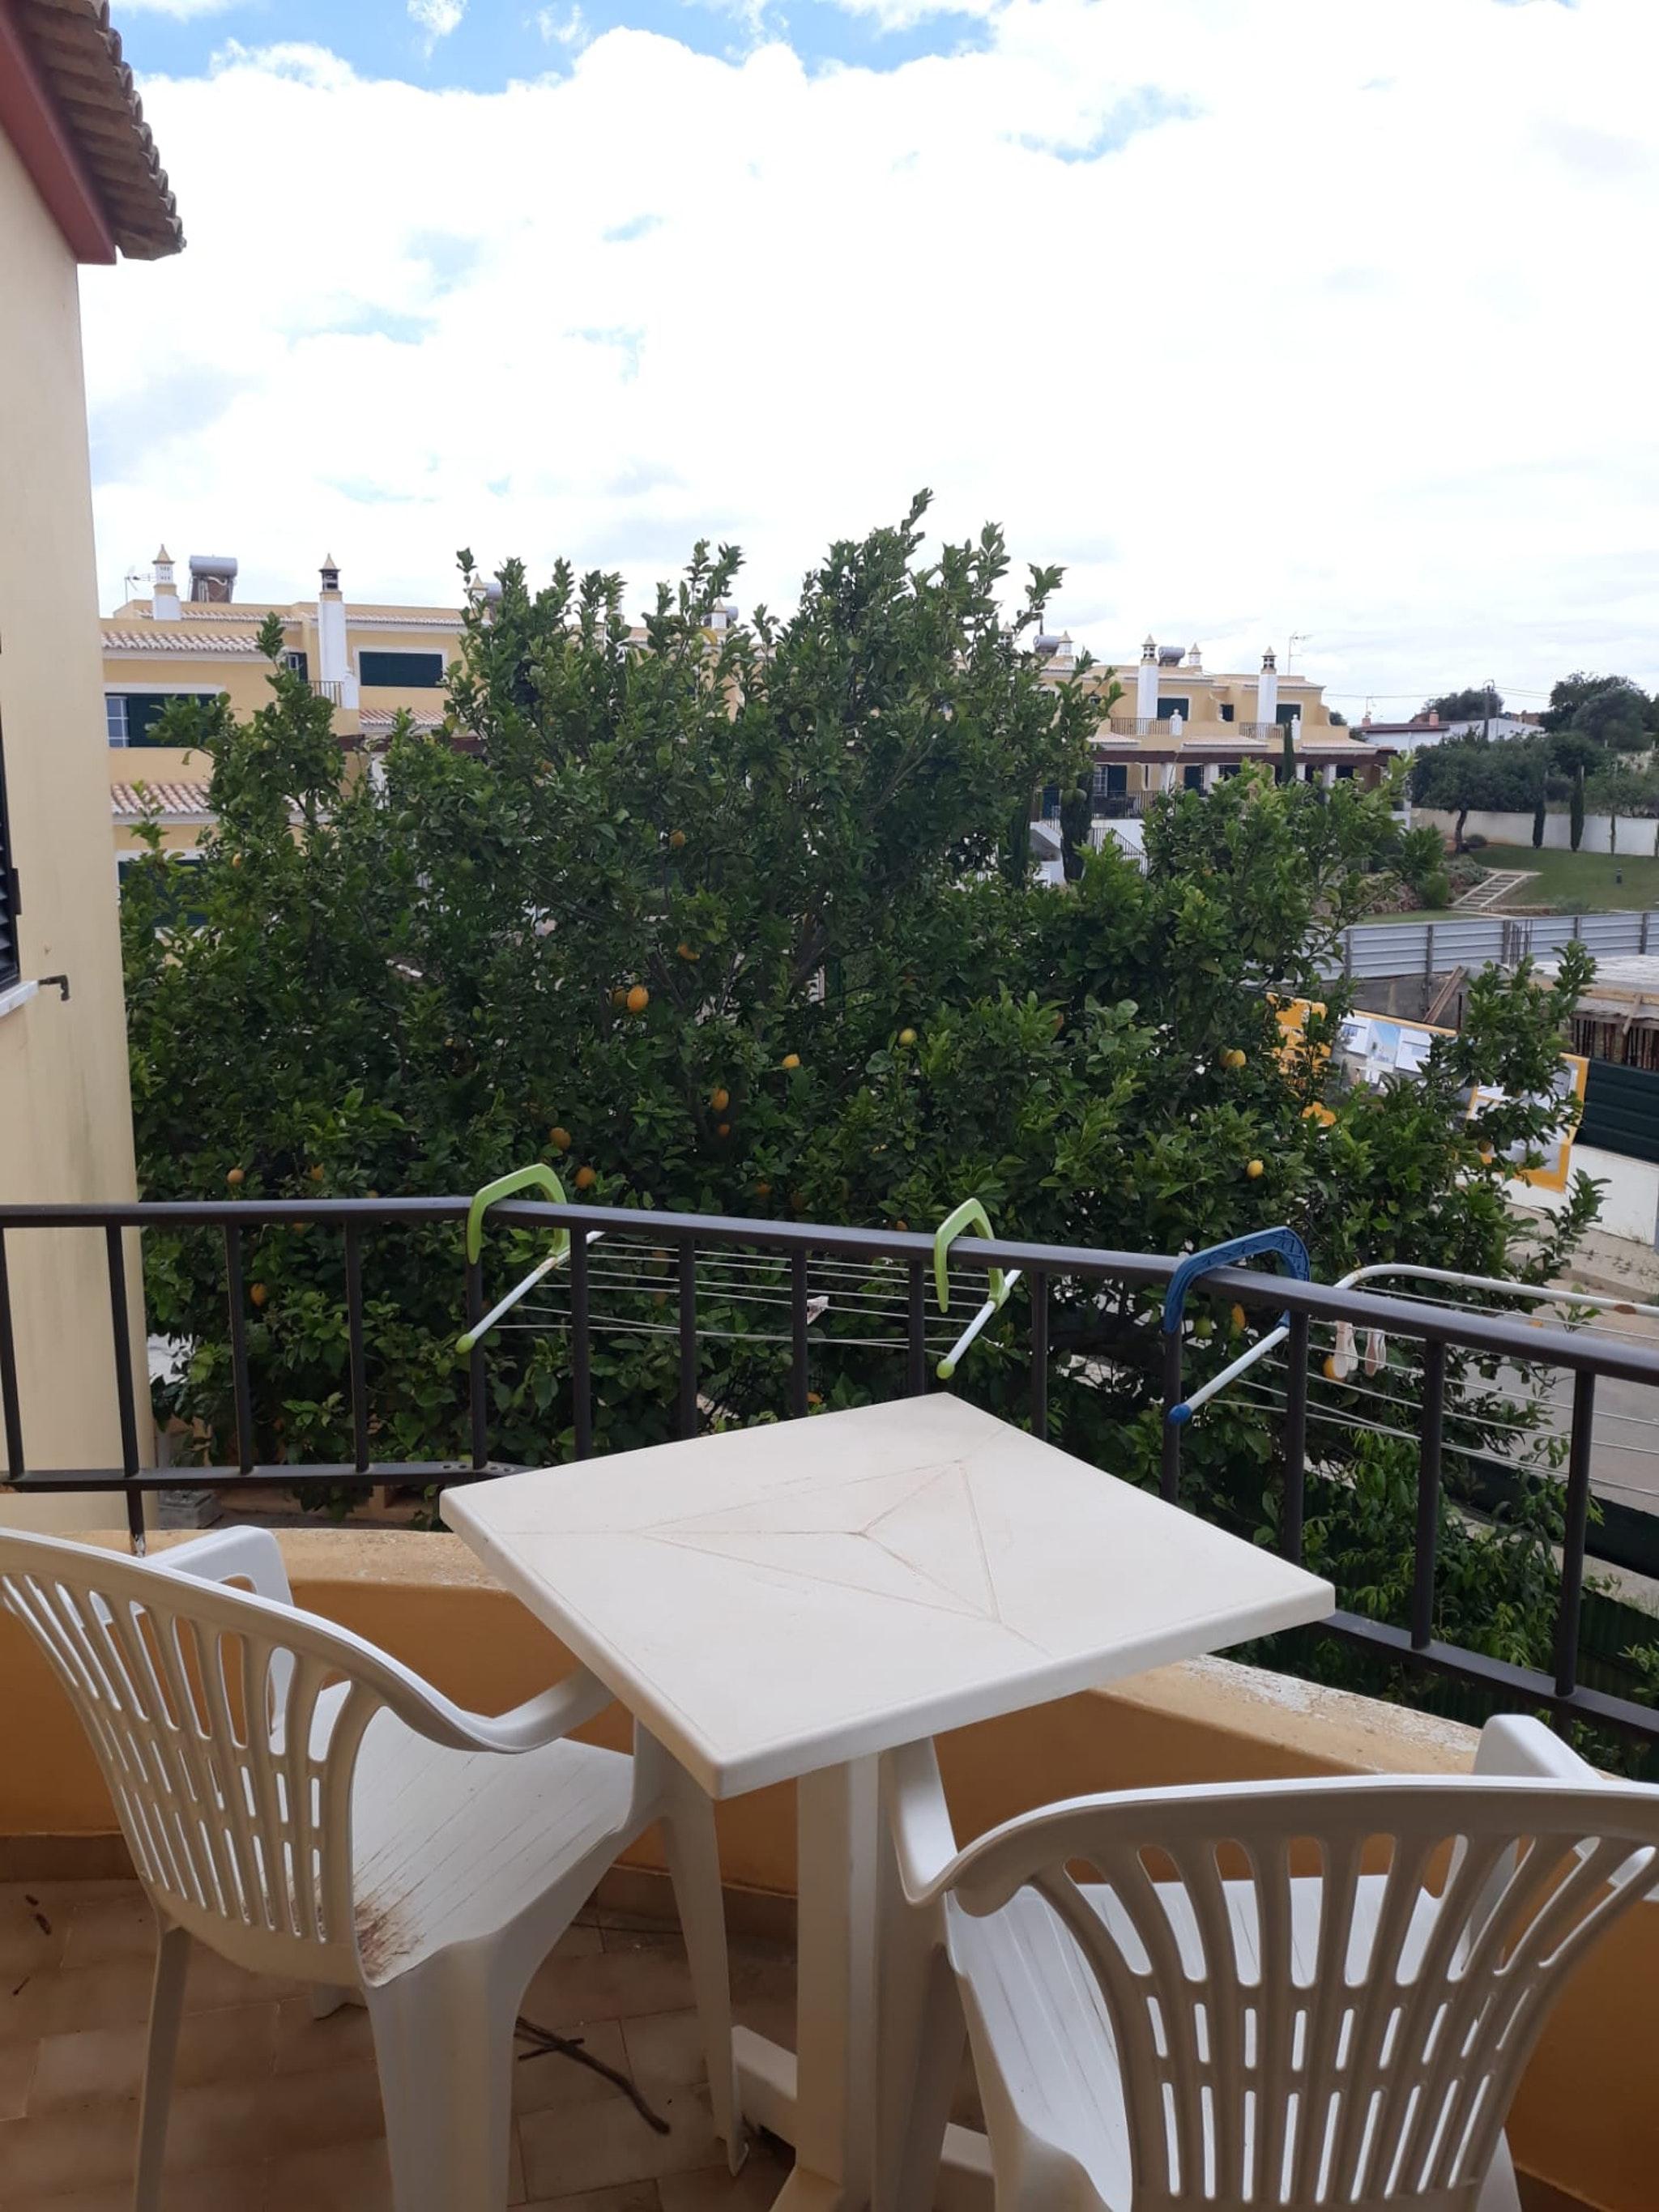 Ferienwohnung Wohnung mit 2 Schlafzimmern in Parchal mit Pool, Balkon und W-LAN - 1 km vom Strand entfer (2622202), Parchal, , Algarve, Portugal, Bild 15